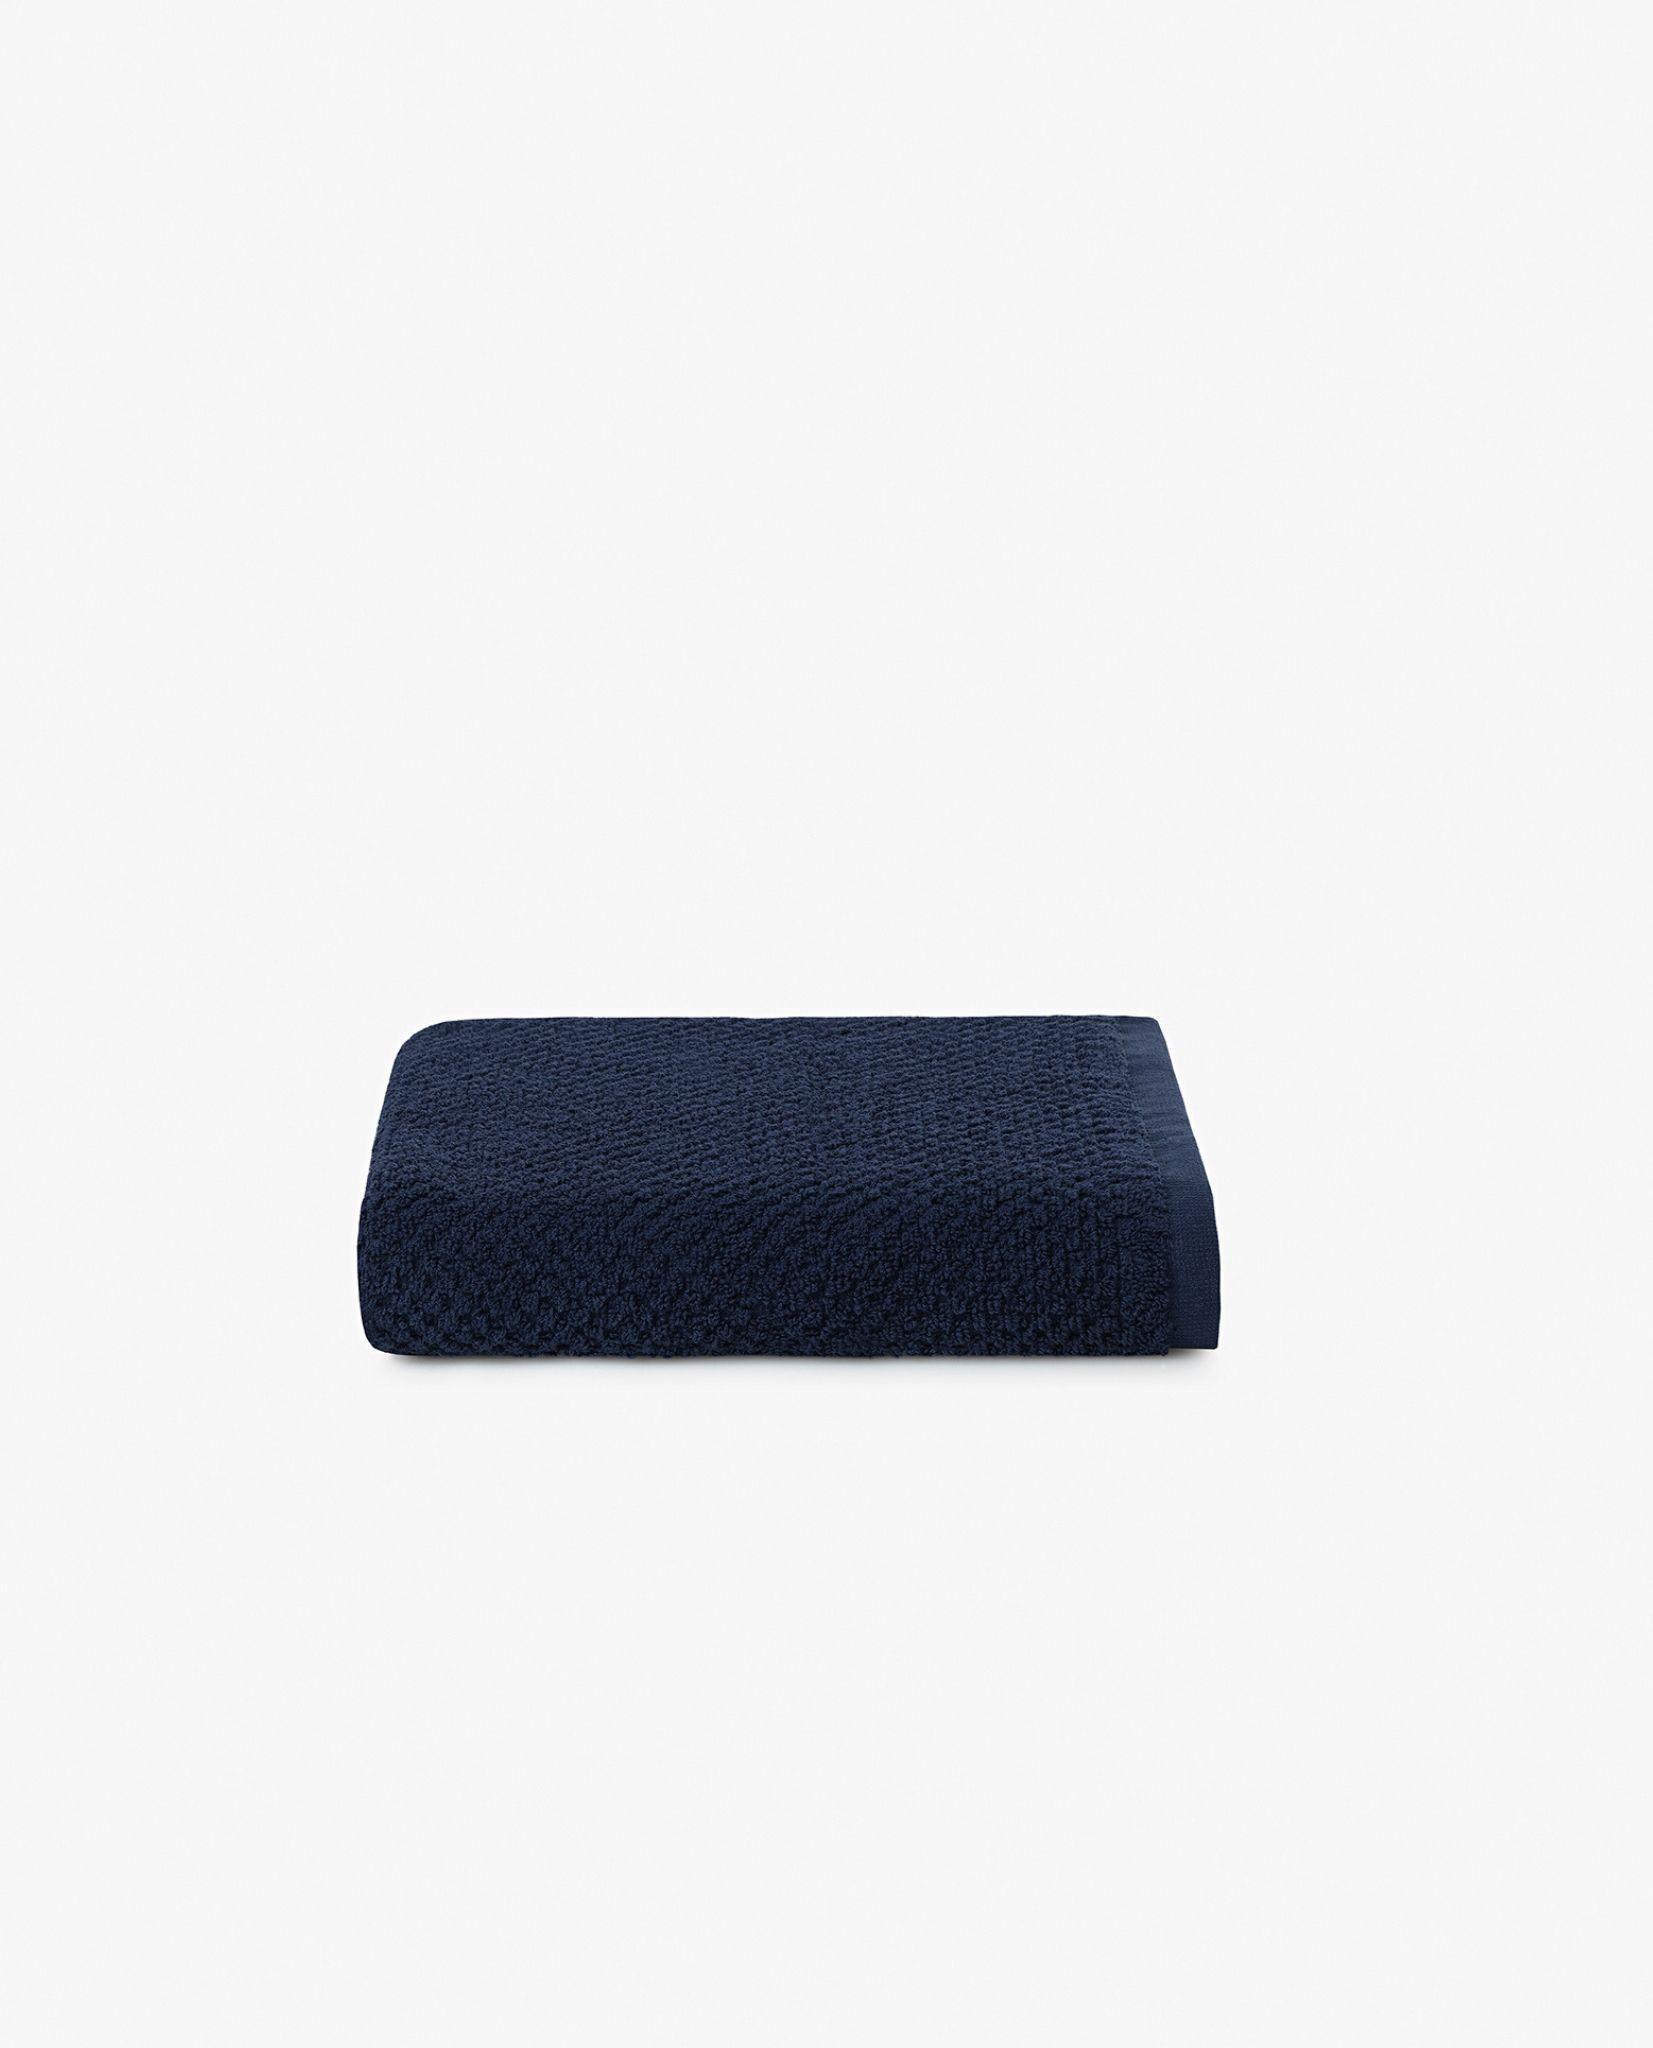 toalha de rosto 100% algodão em azul marinho